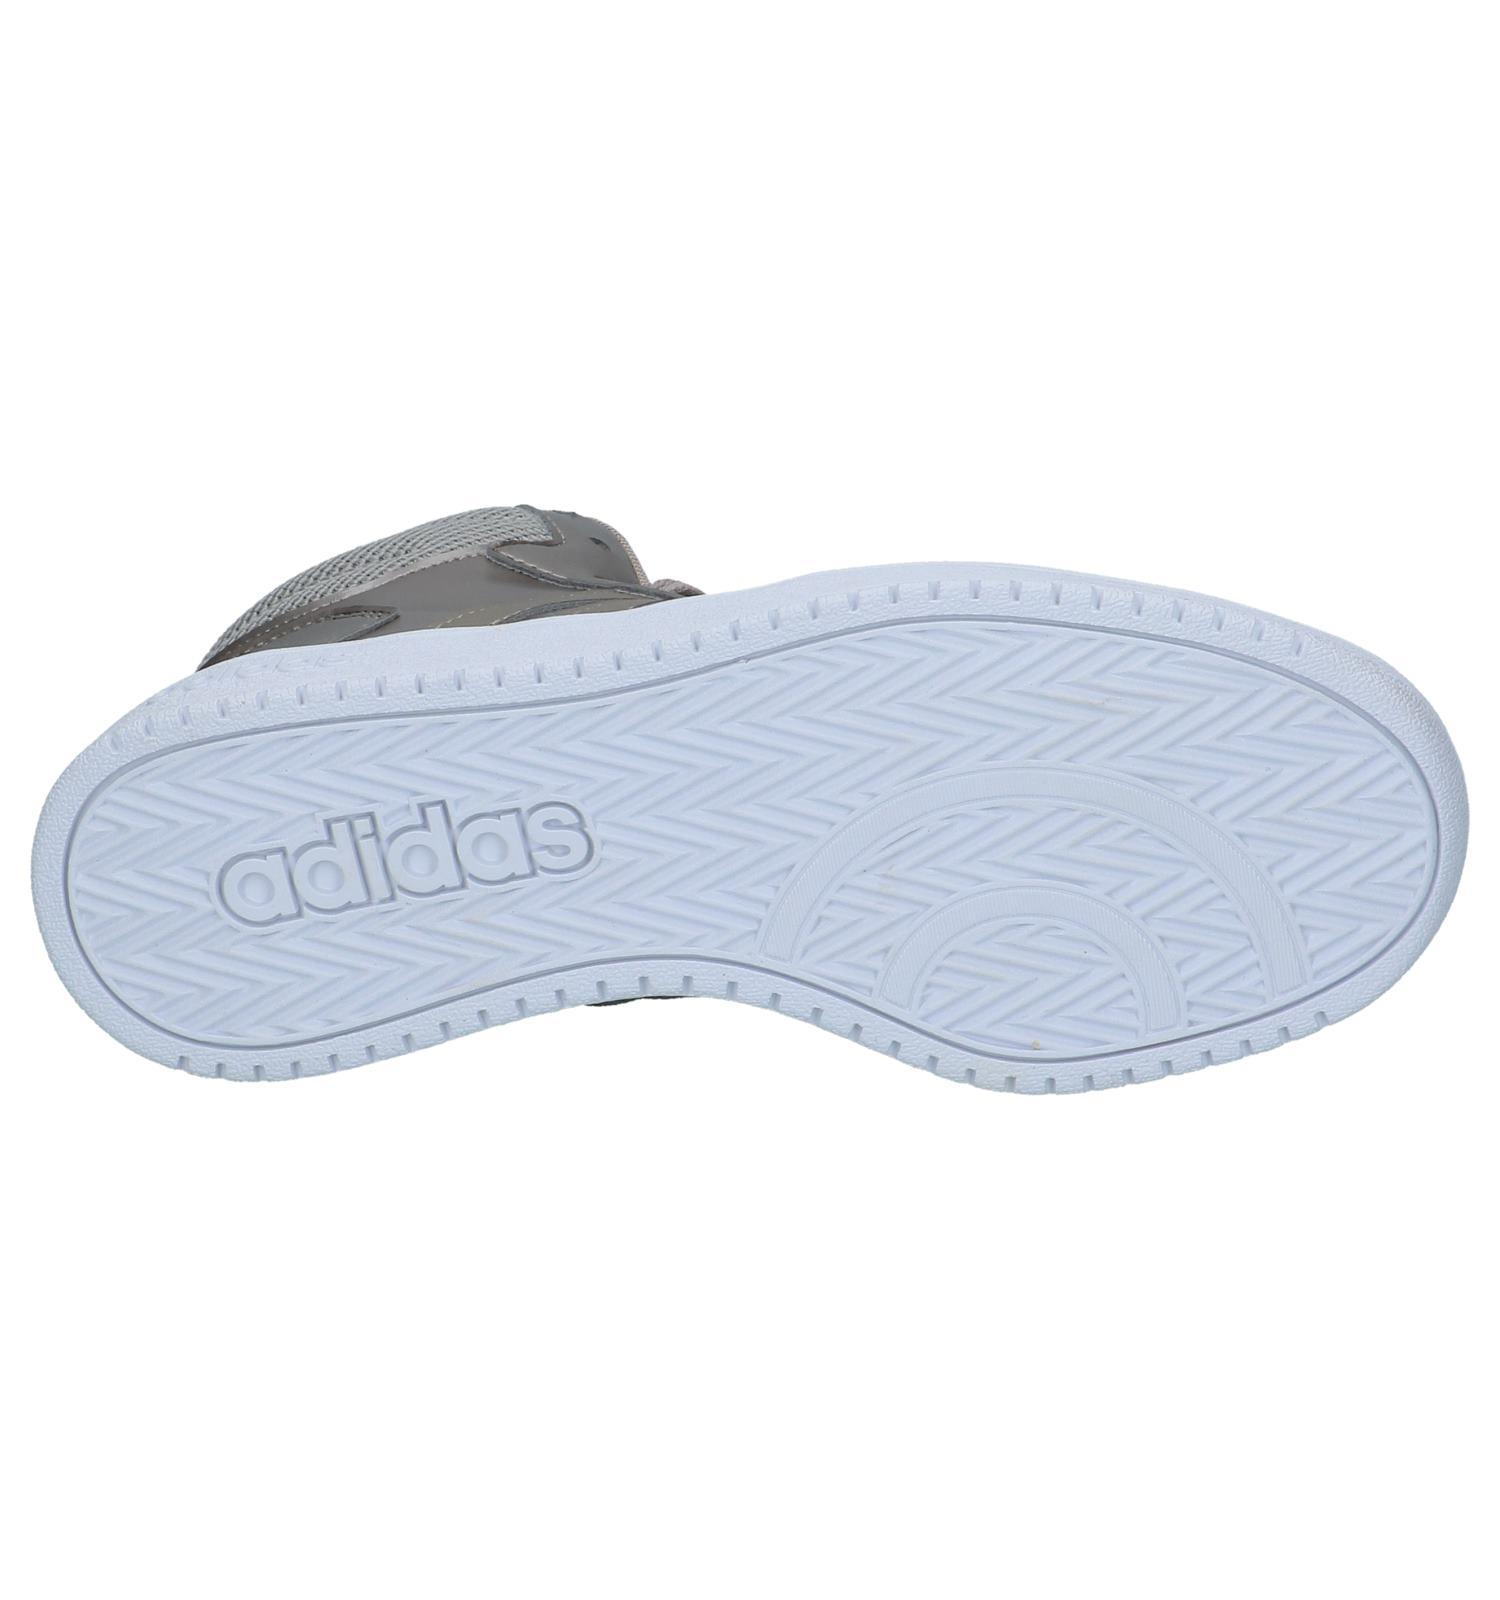 Bronzen adidas Hoops 2.0 Mid Sneakers | TORFS.BE | Gratis